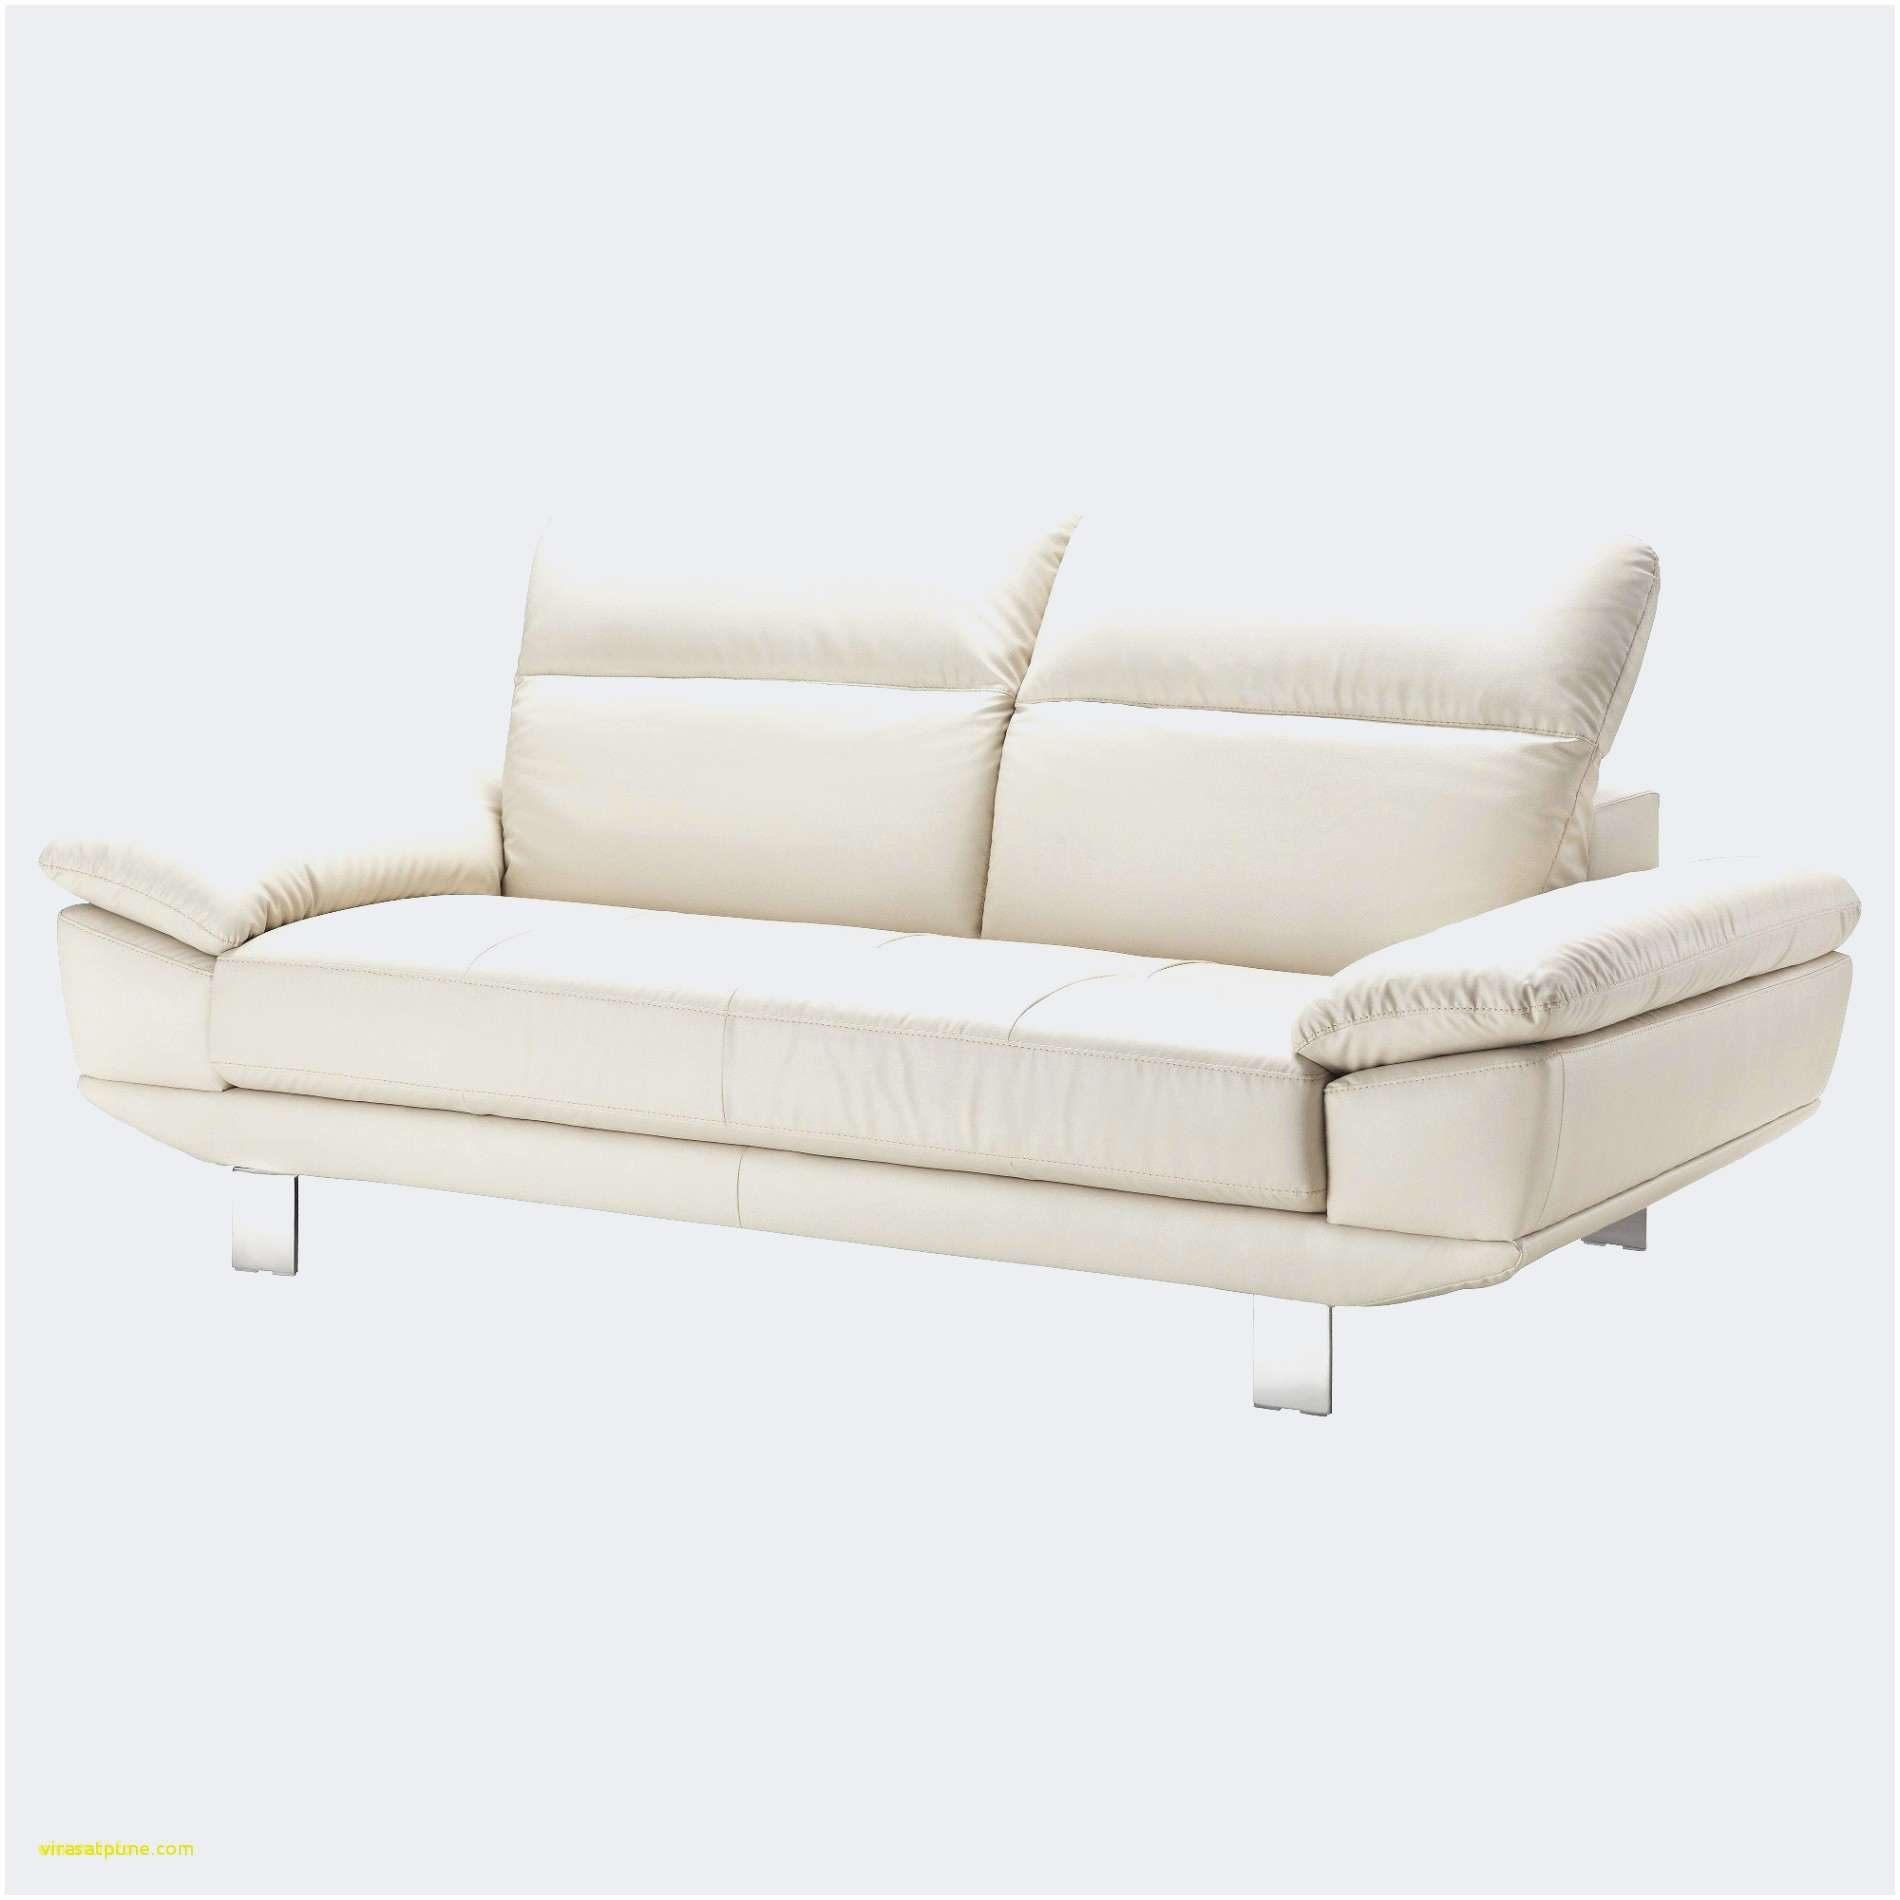 Lit Gigogne Canapé Unique 60 Canapé Lit Gigogne Ikea Vue Jongor4hire